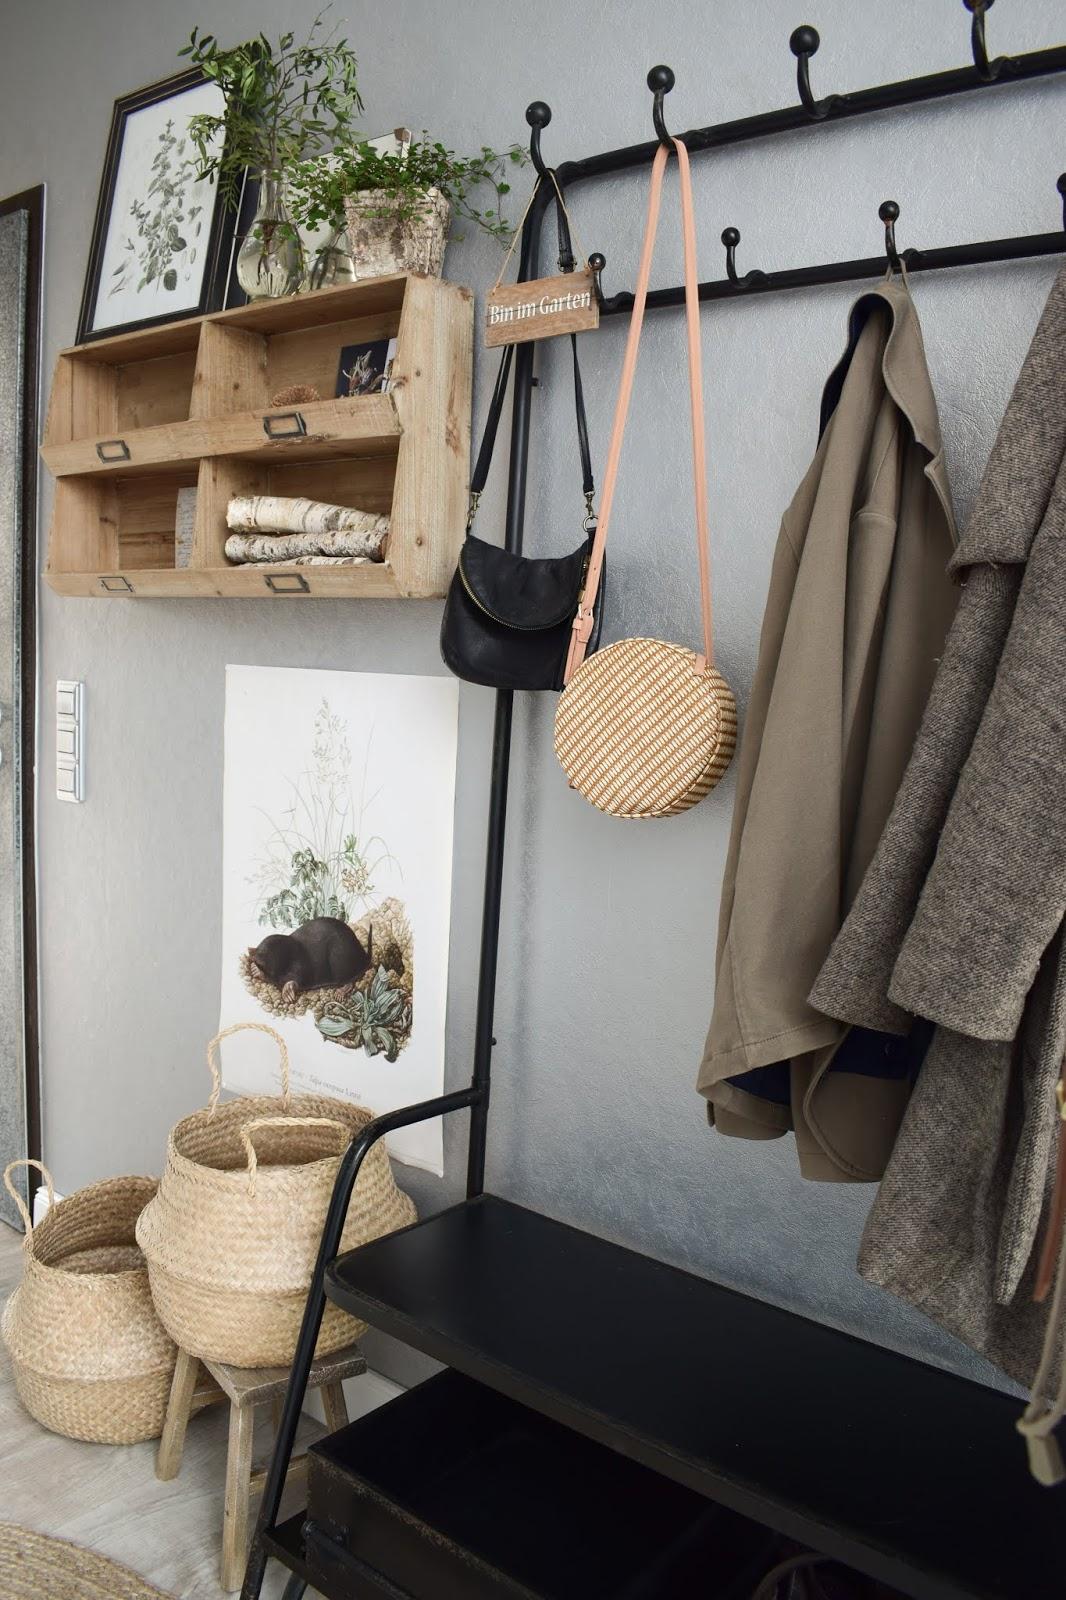 Garderobe Ideen für Flur Einrichtung Dekoidee aufbewahren natürlich wohnen umweltfreundlich Vorhang Teppich Holz Körbe aus Sisal